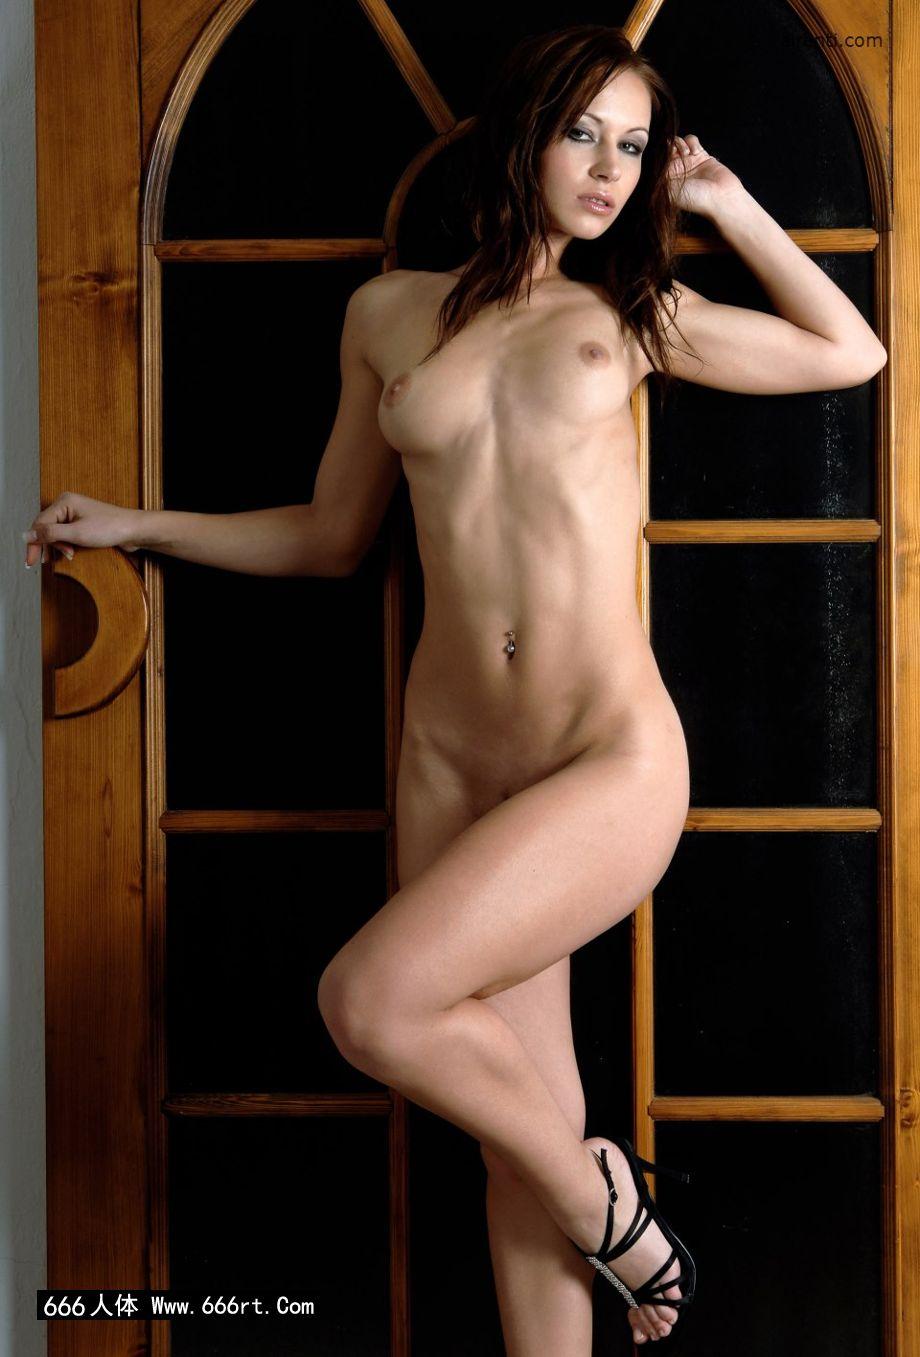 室拍木门下身材超好的嫩模Gladys_泰国美女裸体献身